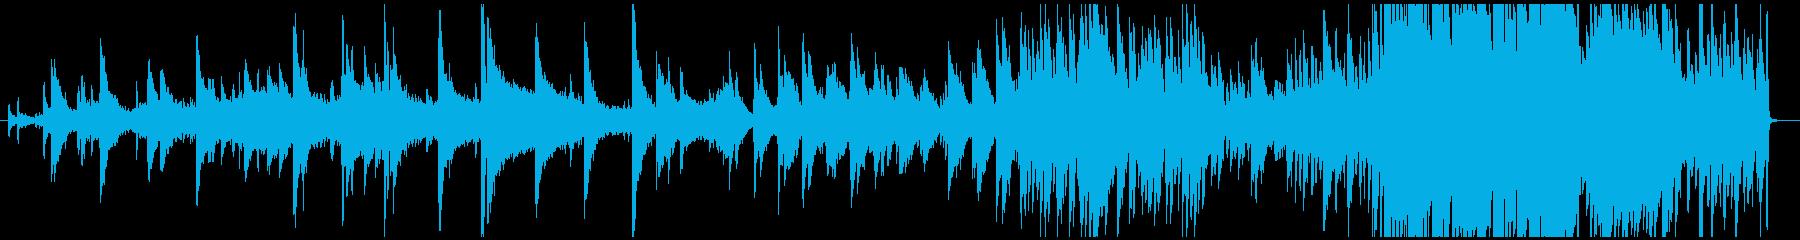 ピアノを主体としたダウナーな音響音楽の再生済みの波形